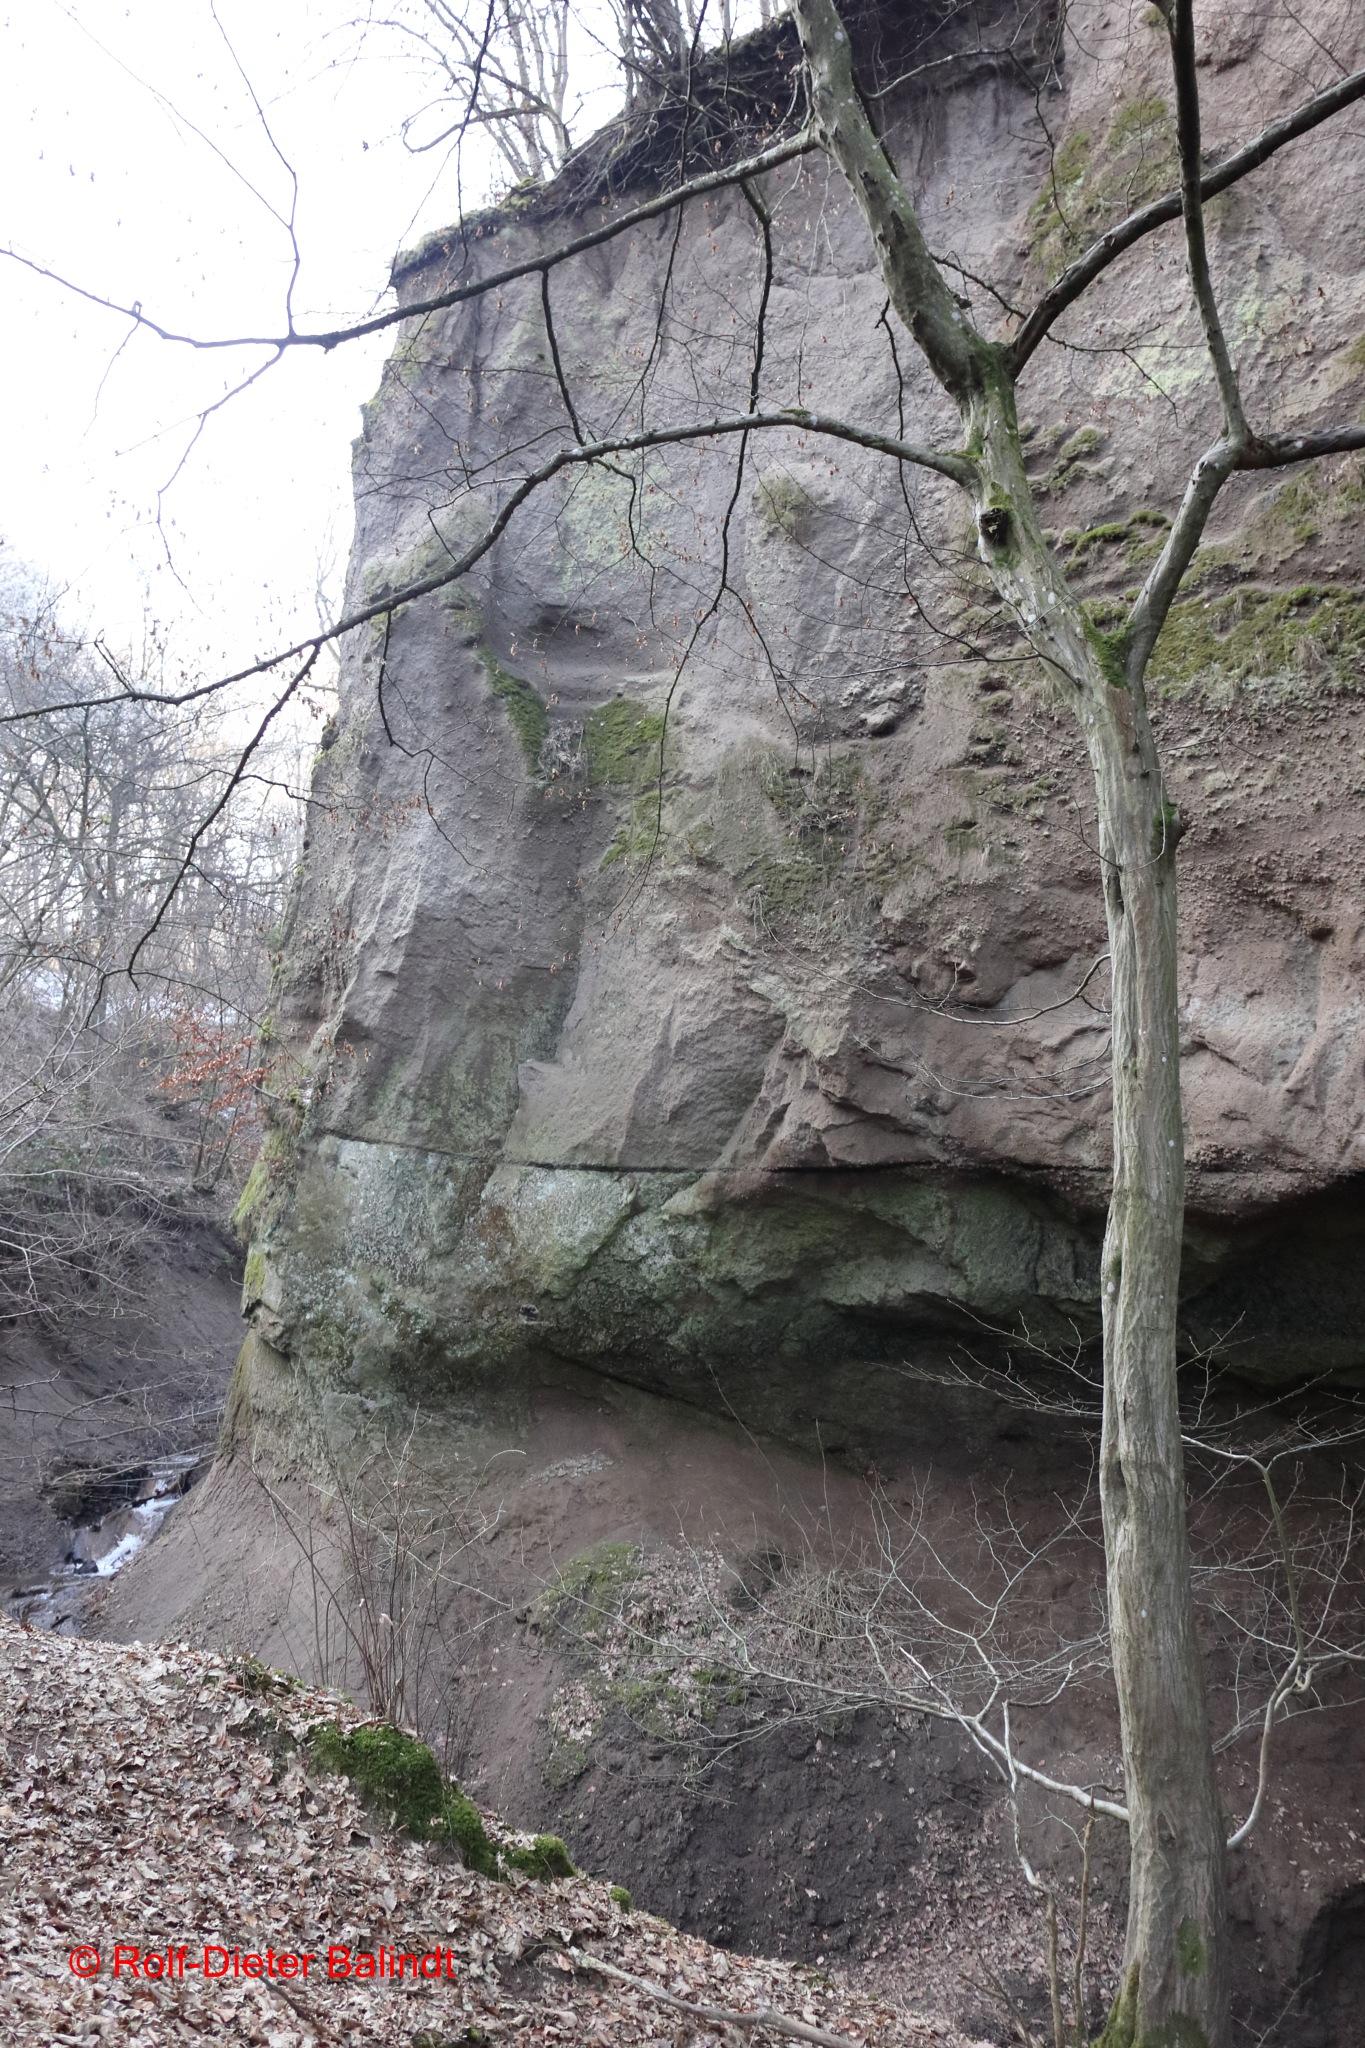 Wolfsschlucht / Wolves-gorge by Rolf-Dieter Balindt